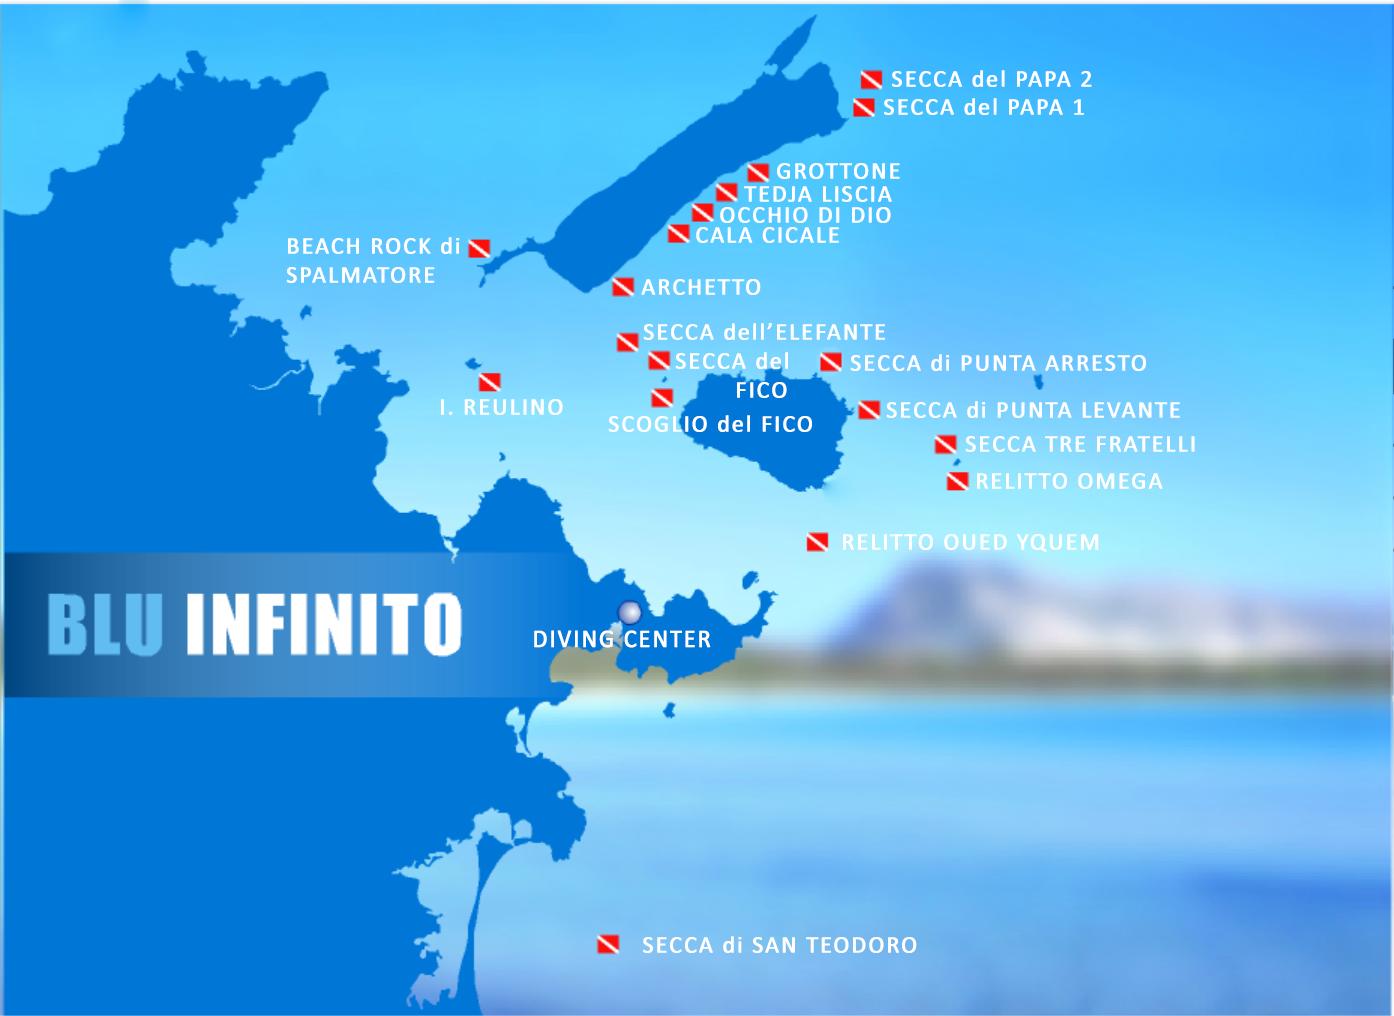 Cartina Di San Teodoro Sardegna.Immersioni Blu Infinito Diving Center